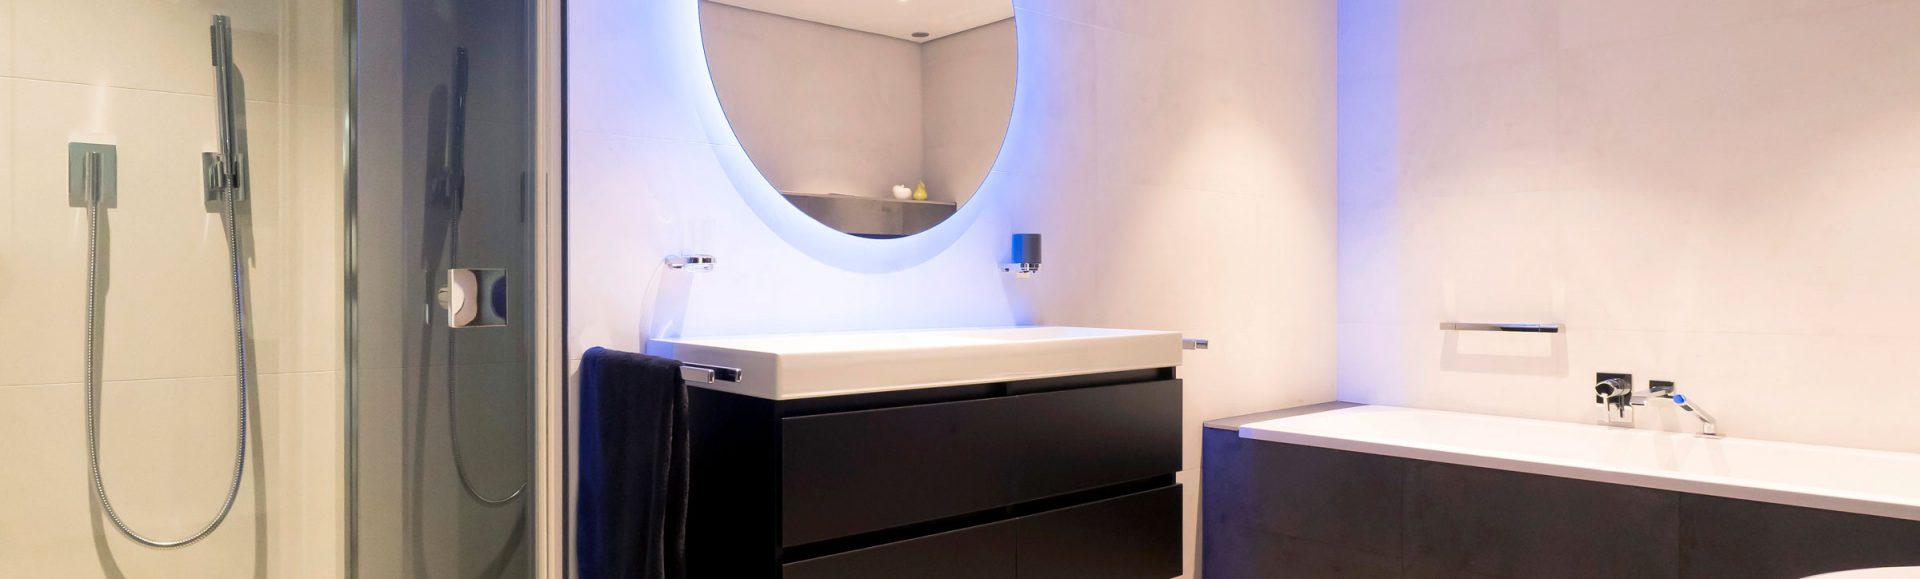 schuit-totaal-wonen-showroom-badkamers-10